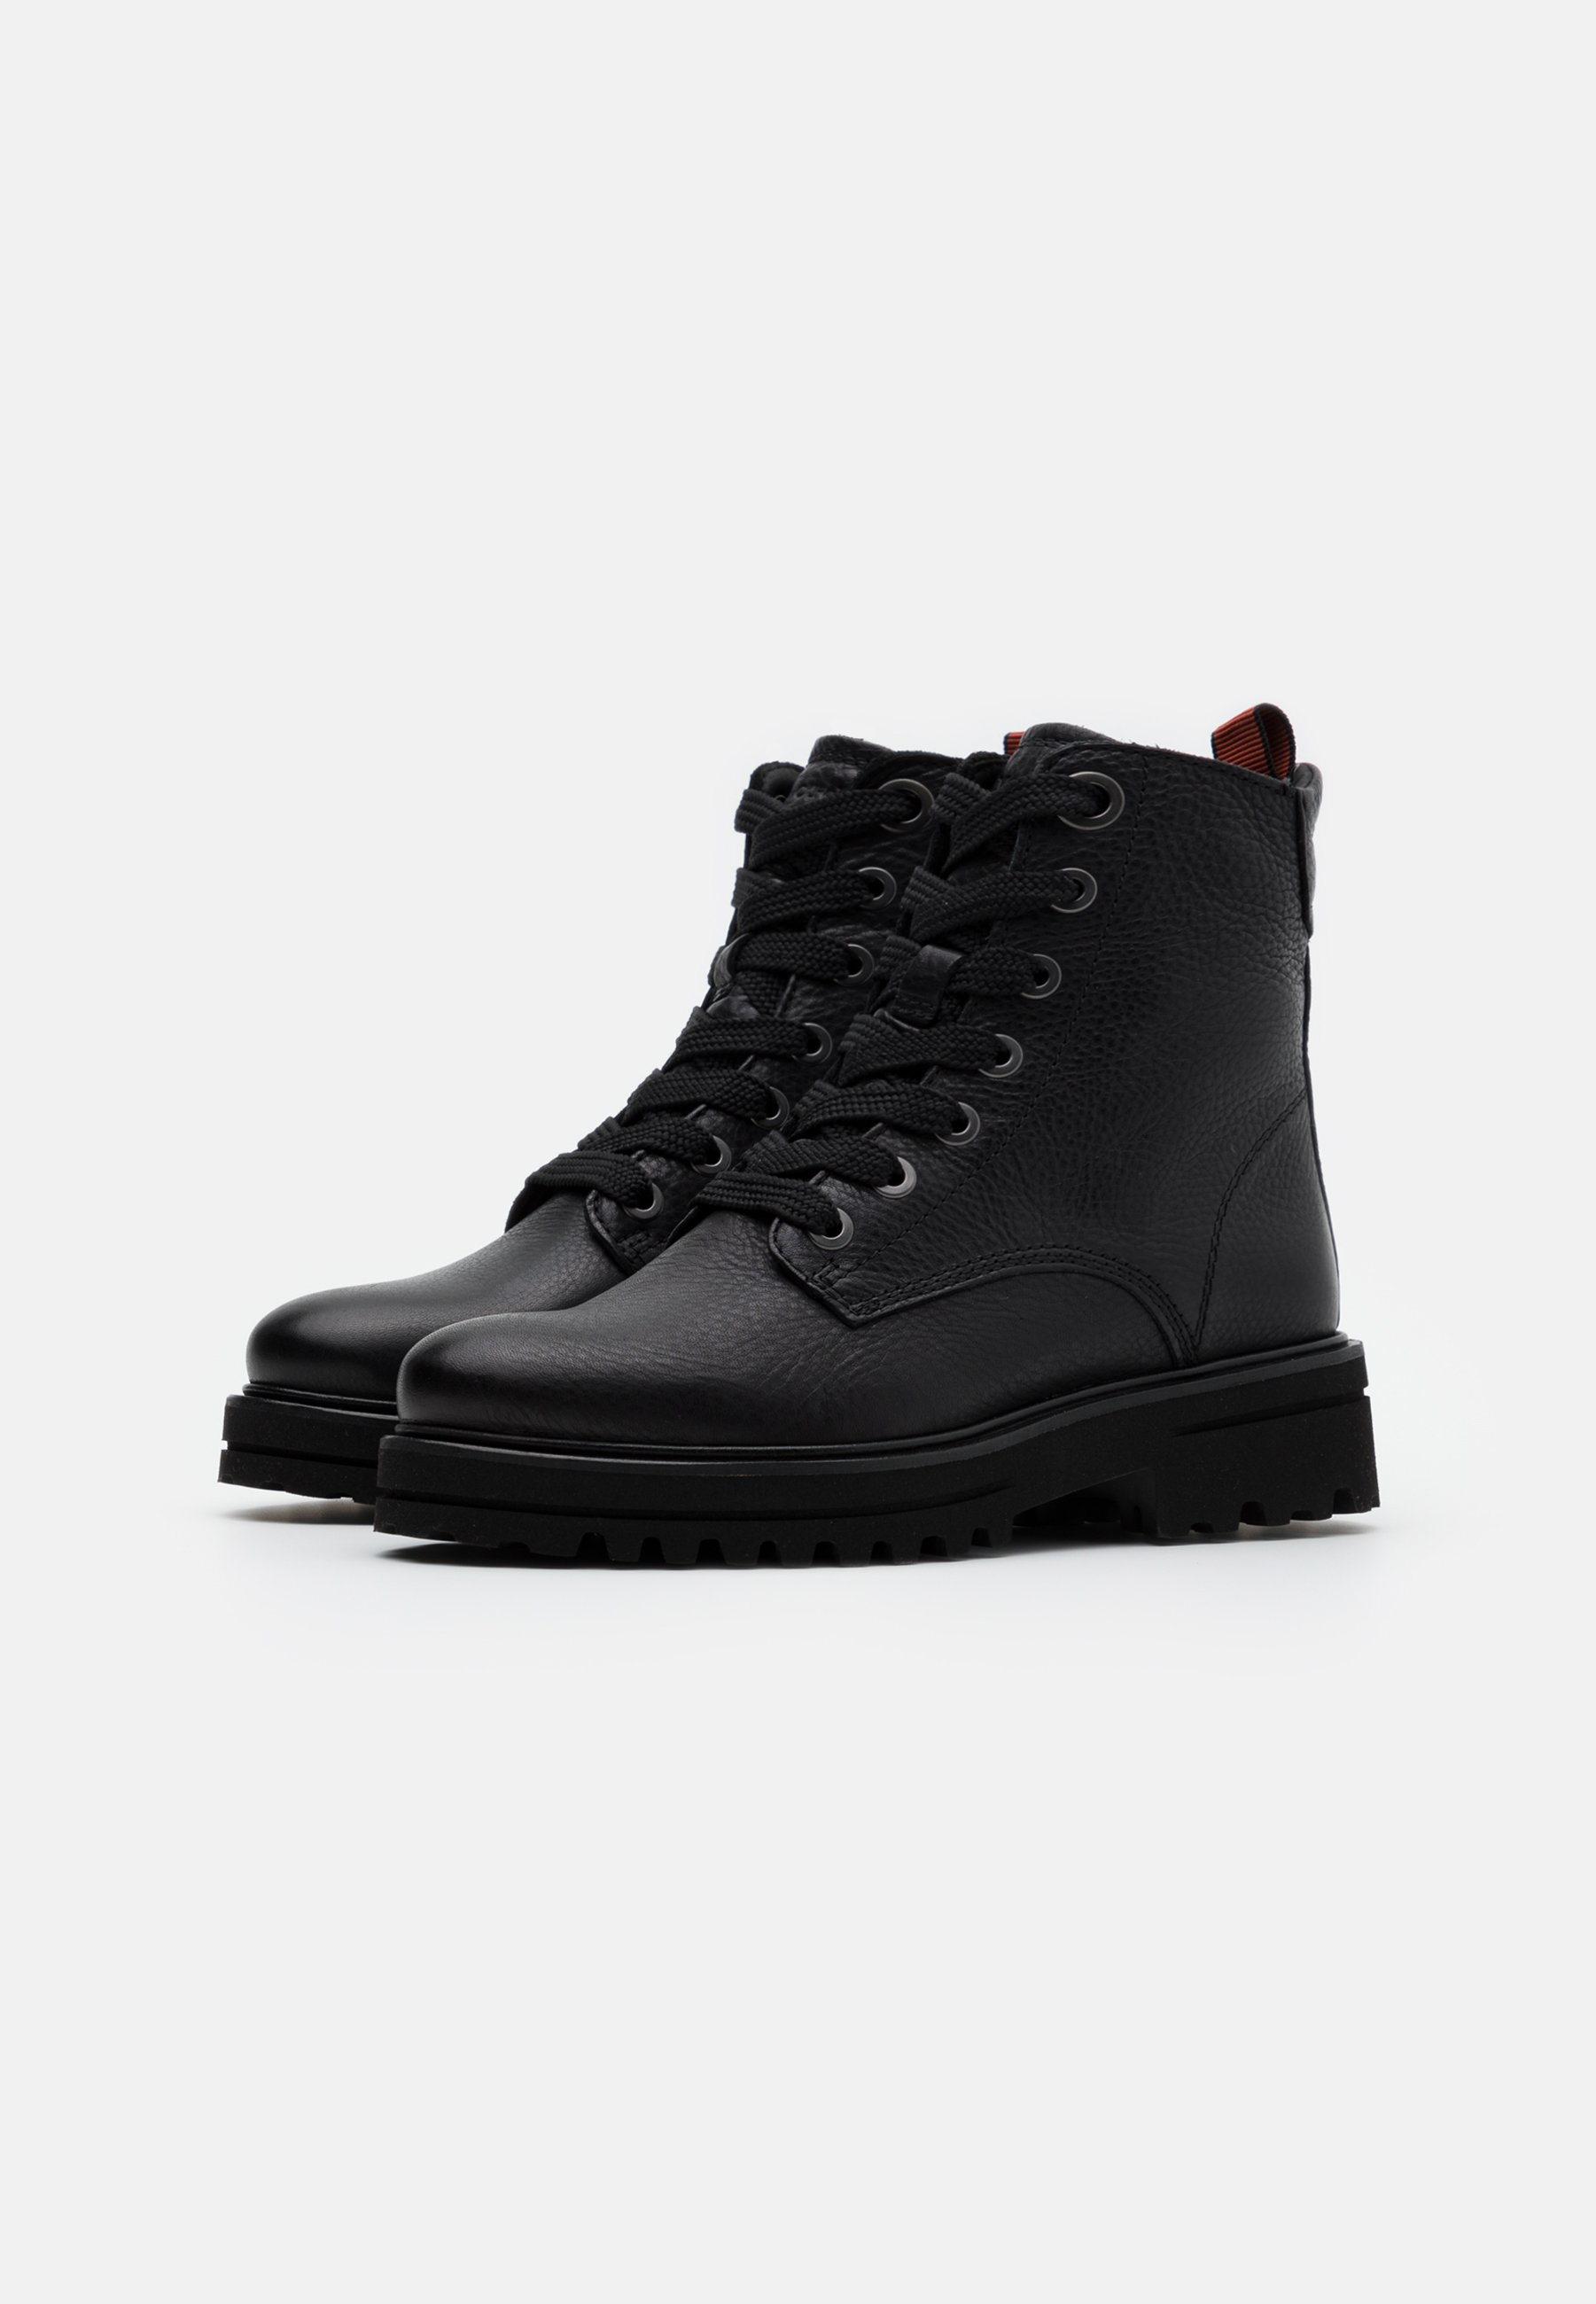 Marc O'Polo LICIA  - Plateaustiefelette - black | Damen Schuhe 2020